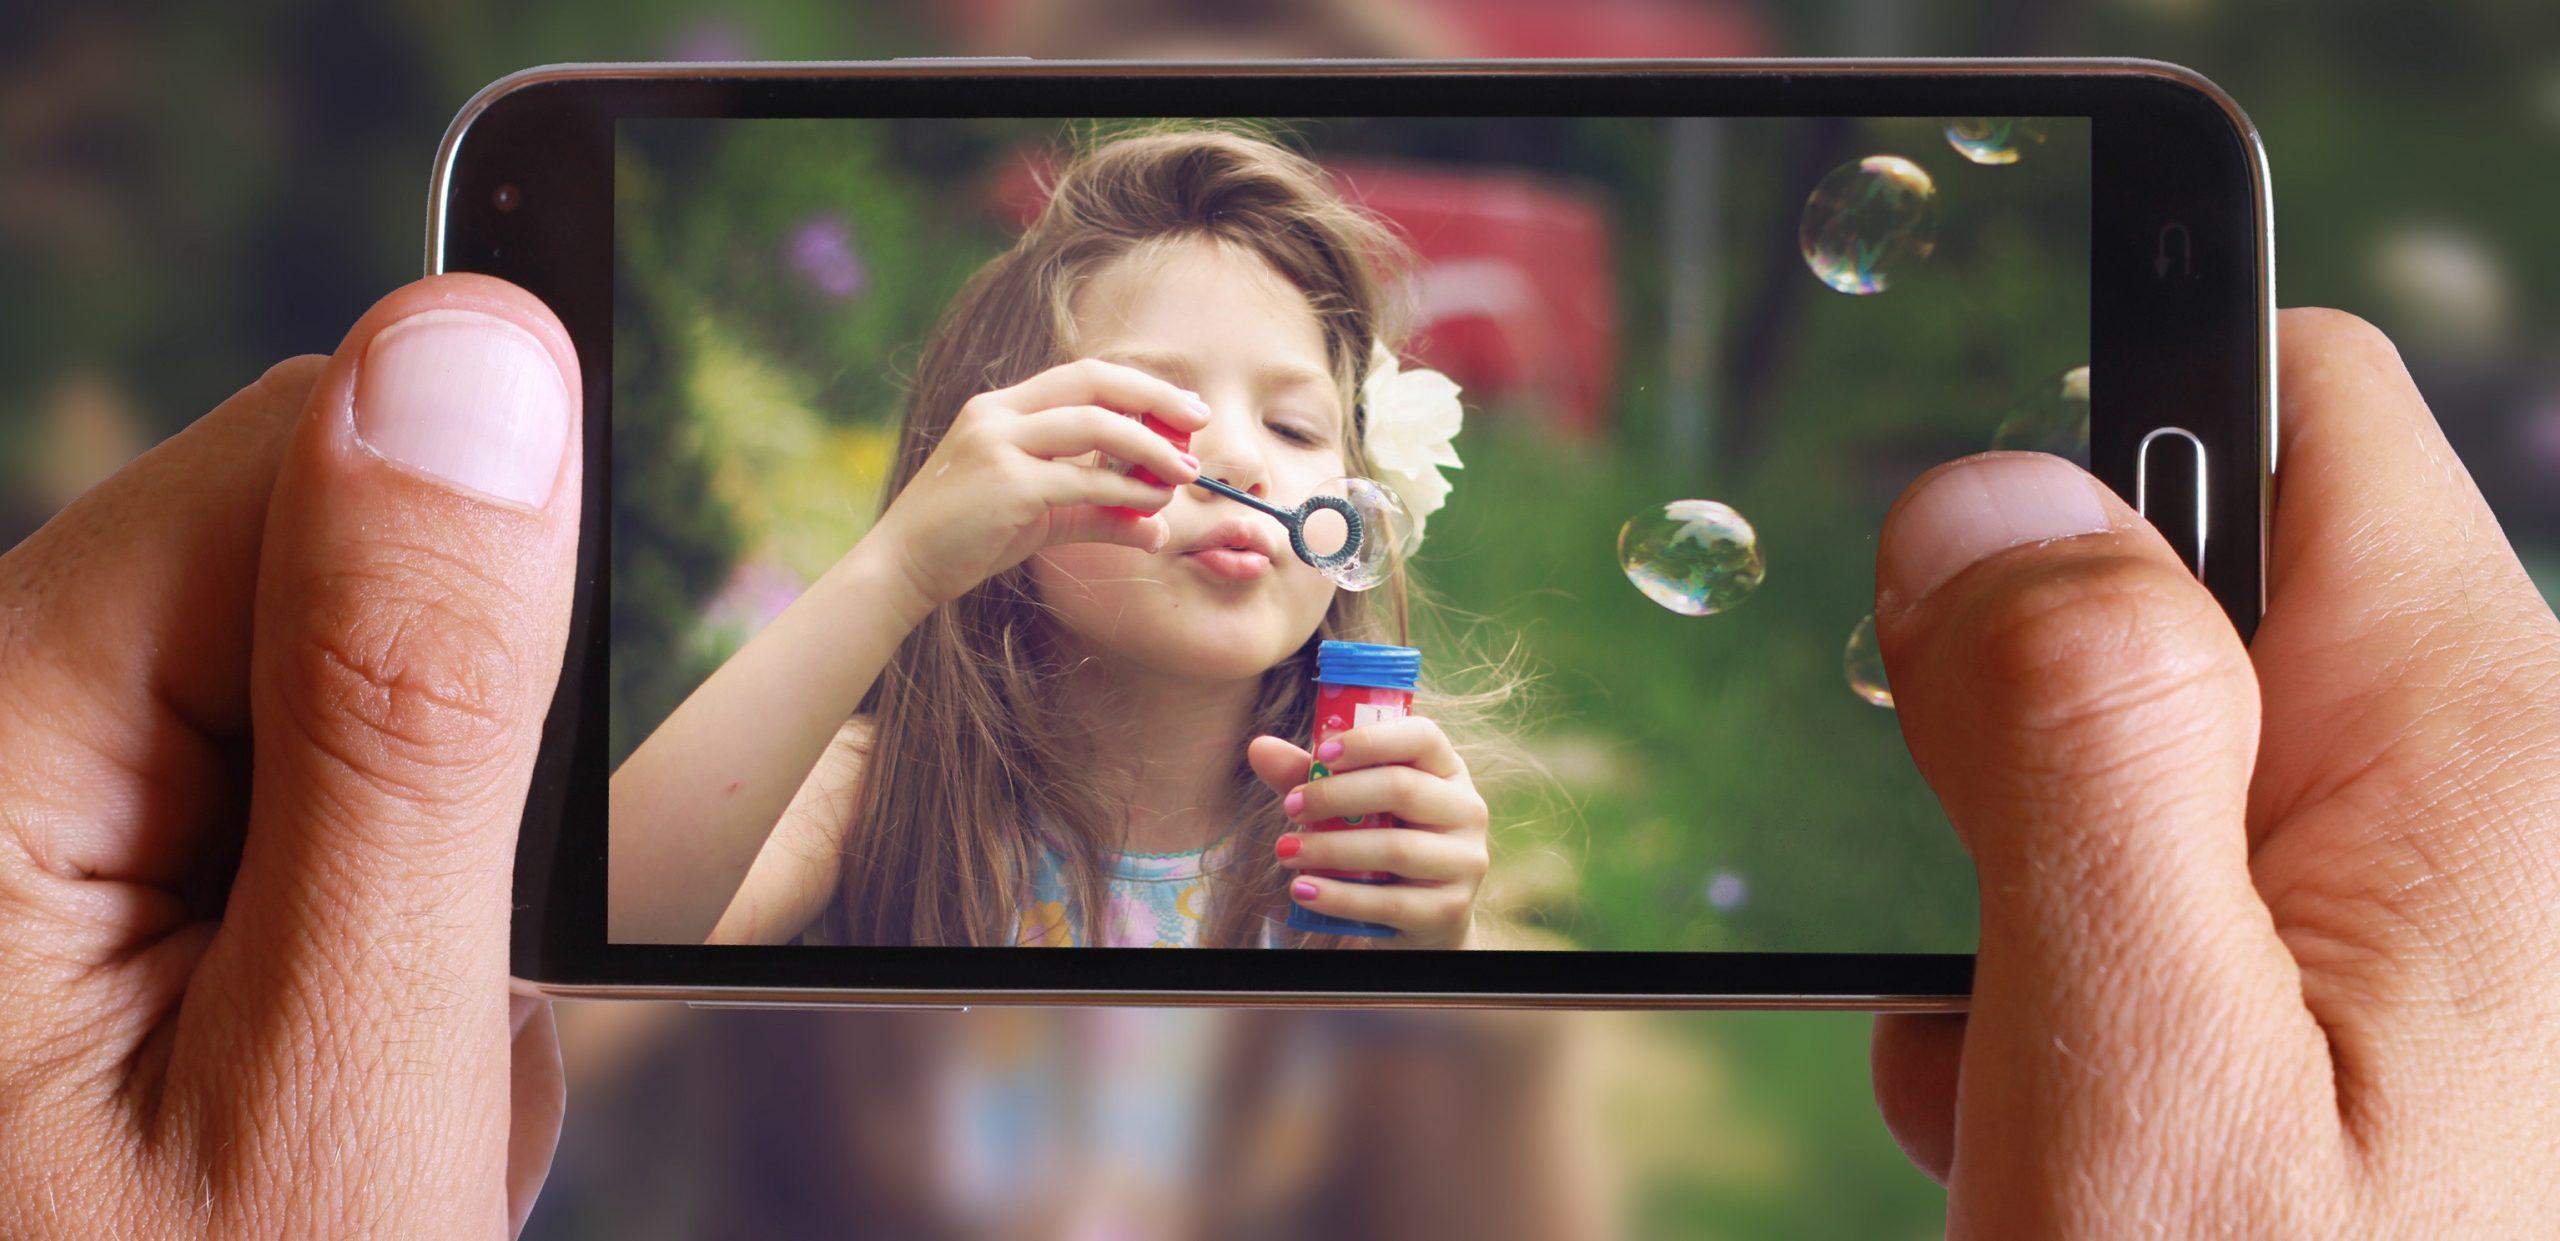 स्मार्टफोनबाट राम्रो फोटो कसरी खिच्ने ? जान्नुहाेस् यी टिप्स्